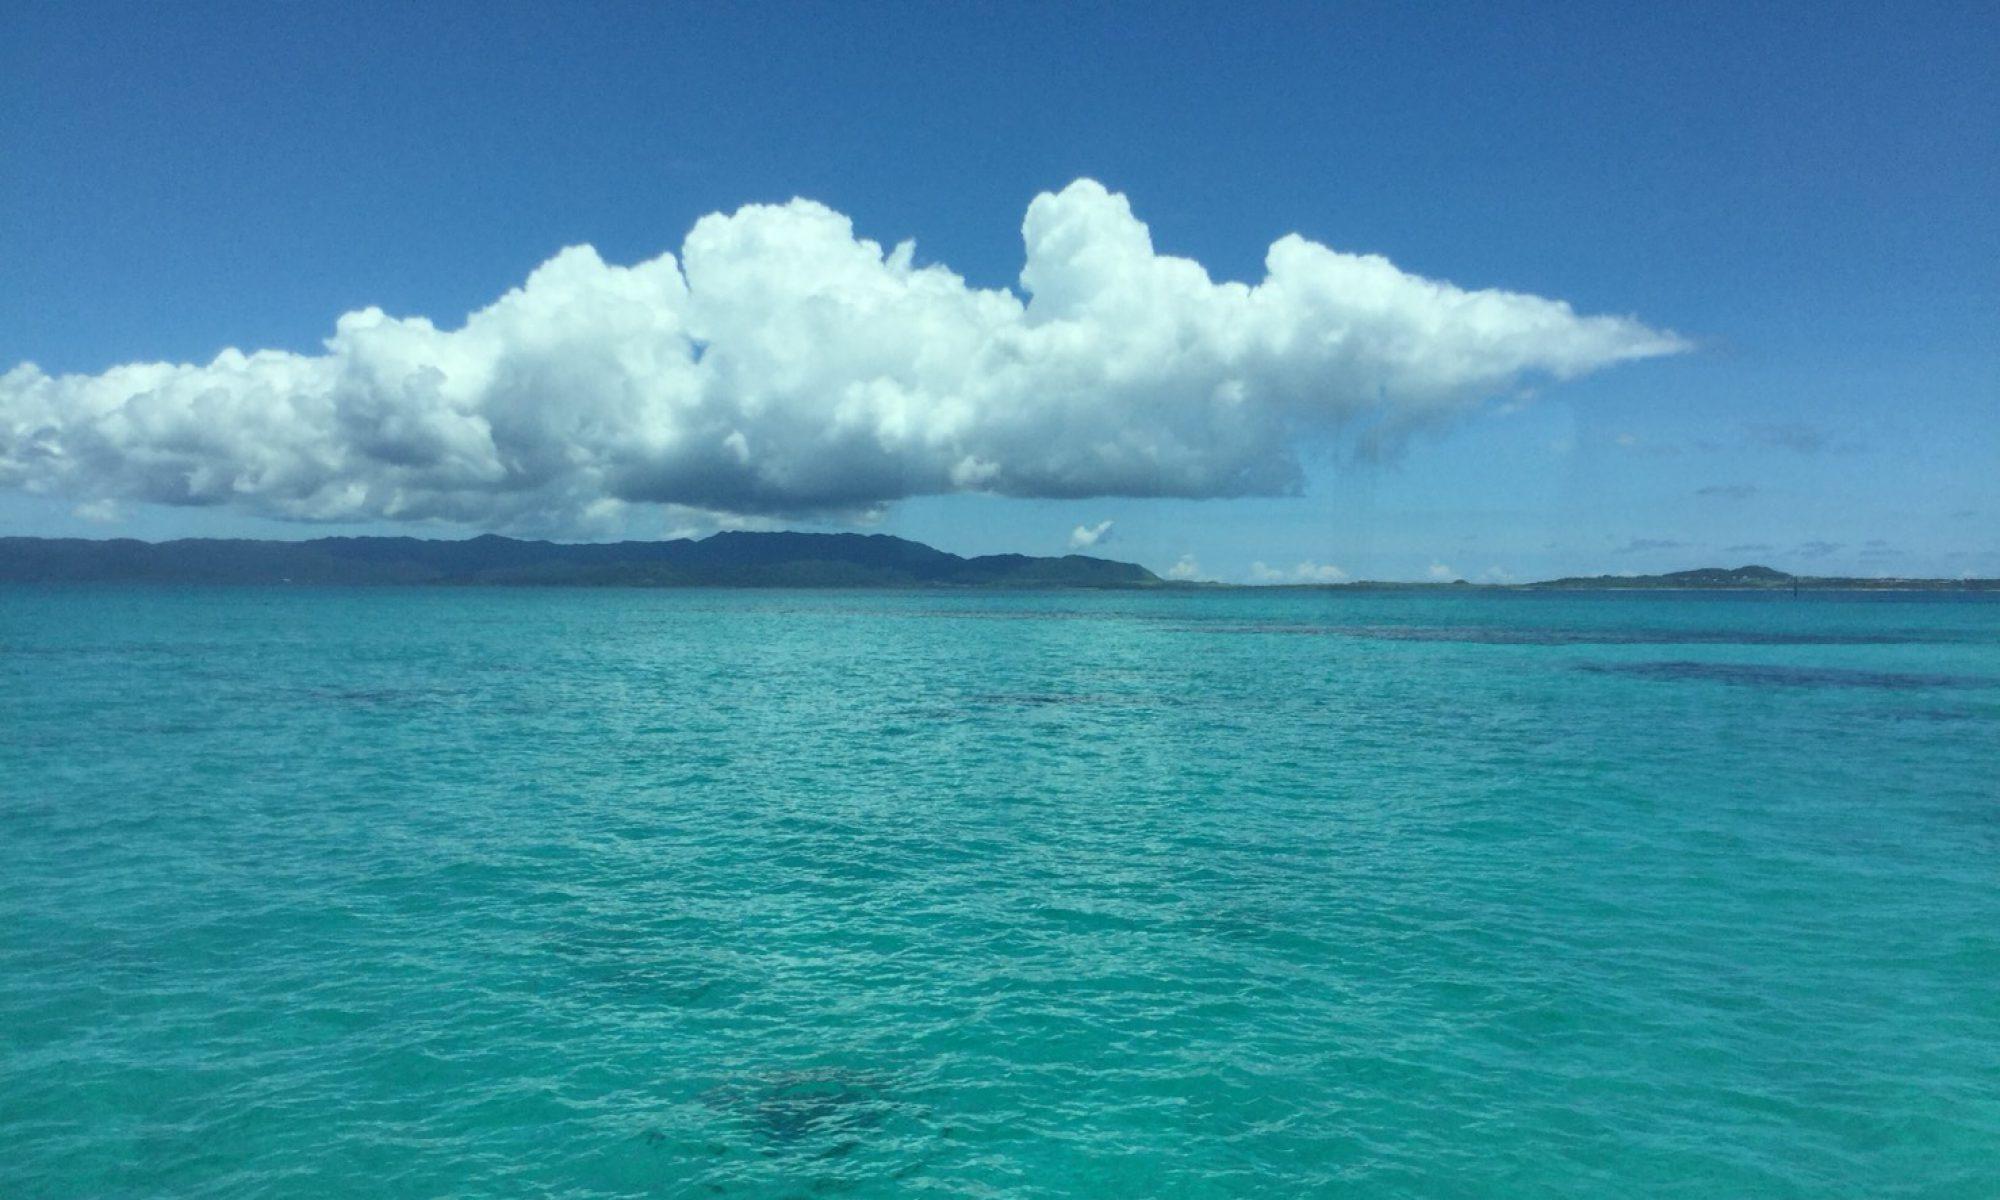 taruken's island